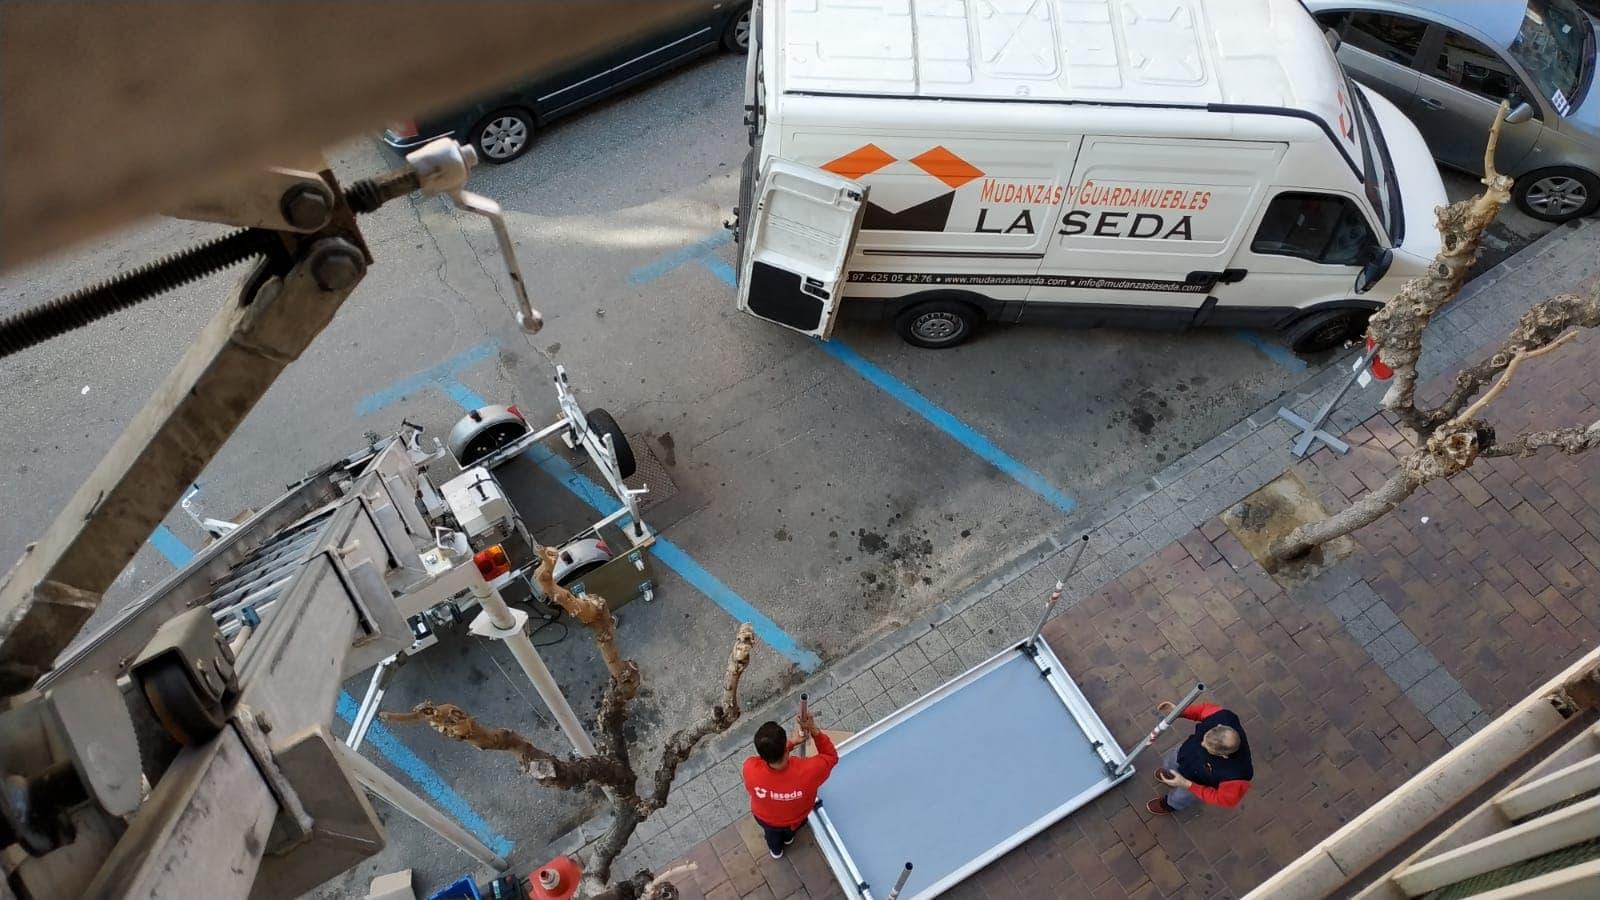 Mudanza con Grua elevadora anden en Murcia 1-min